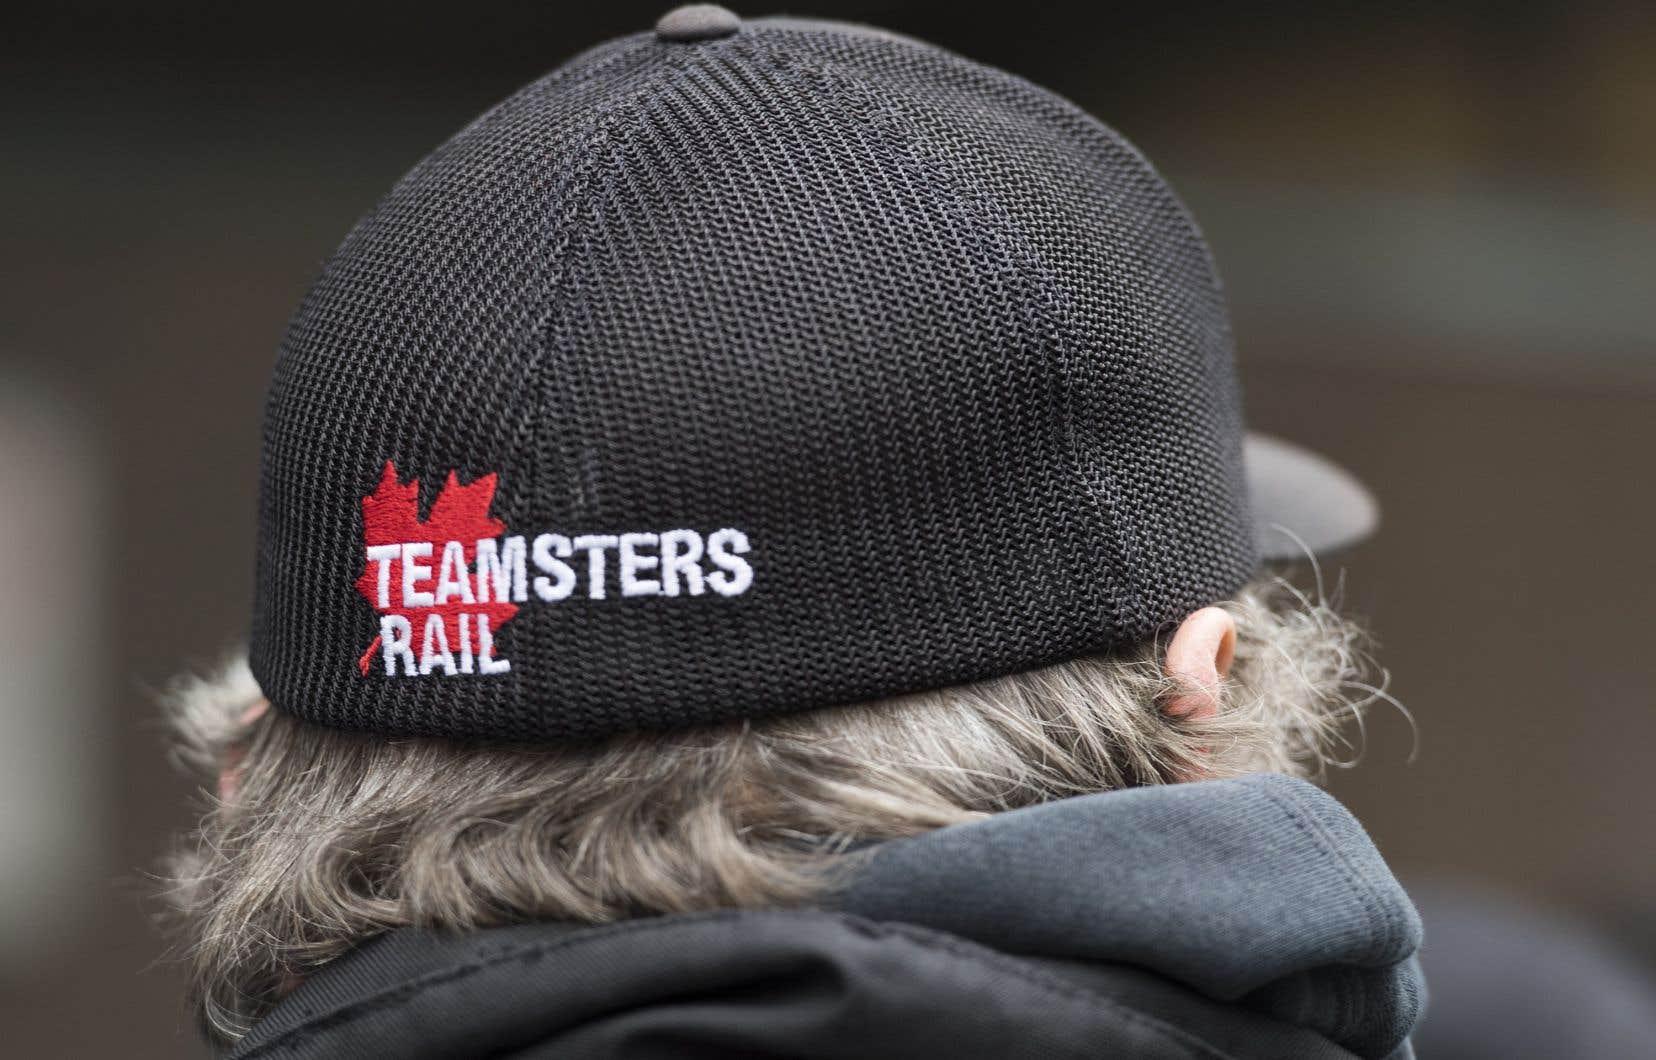 Les blocus ont paralysé plus de 1400 trains de marchandises et de voyageurs et, selon les estimations d'analystes, ont coûté à l'entreprise ferroviaire des millions de dollars.